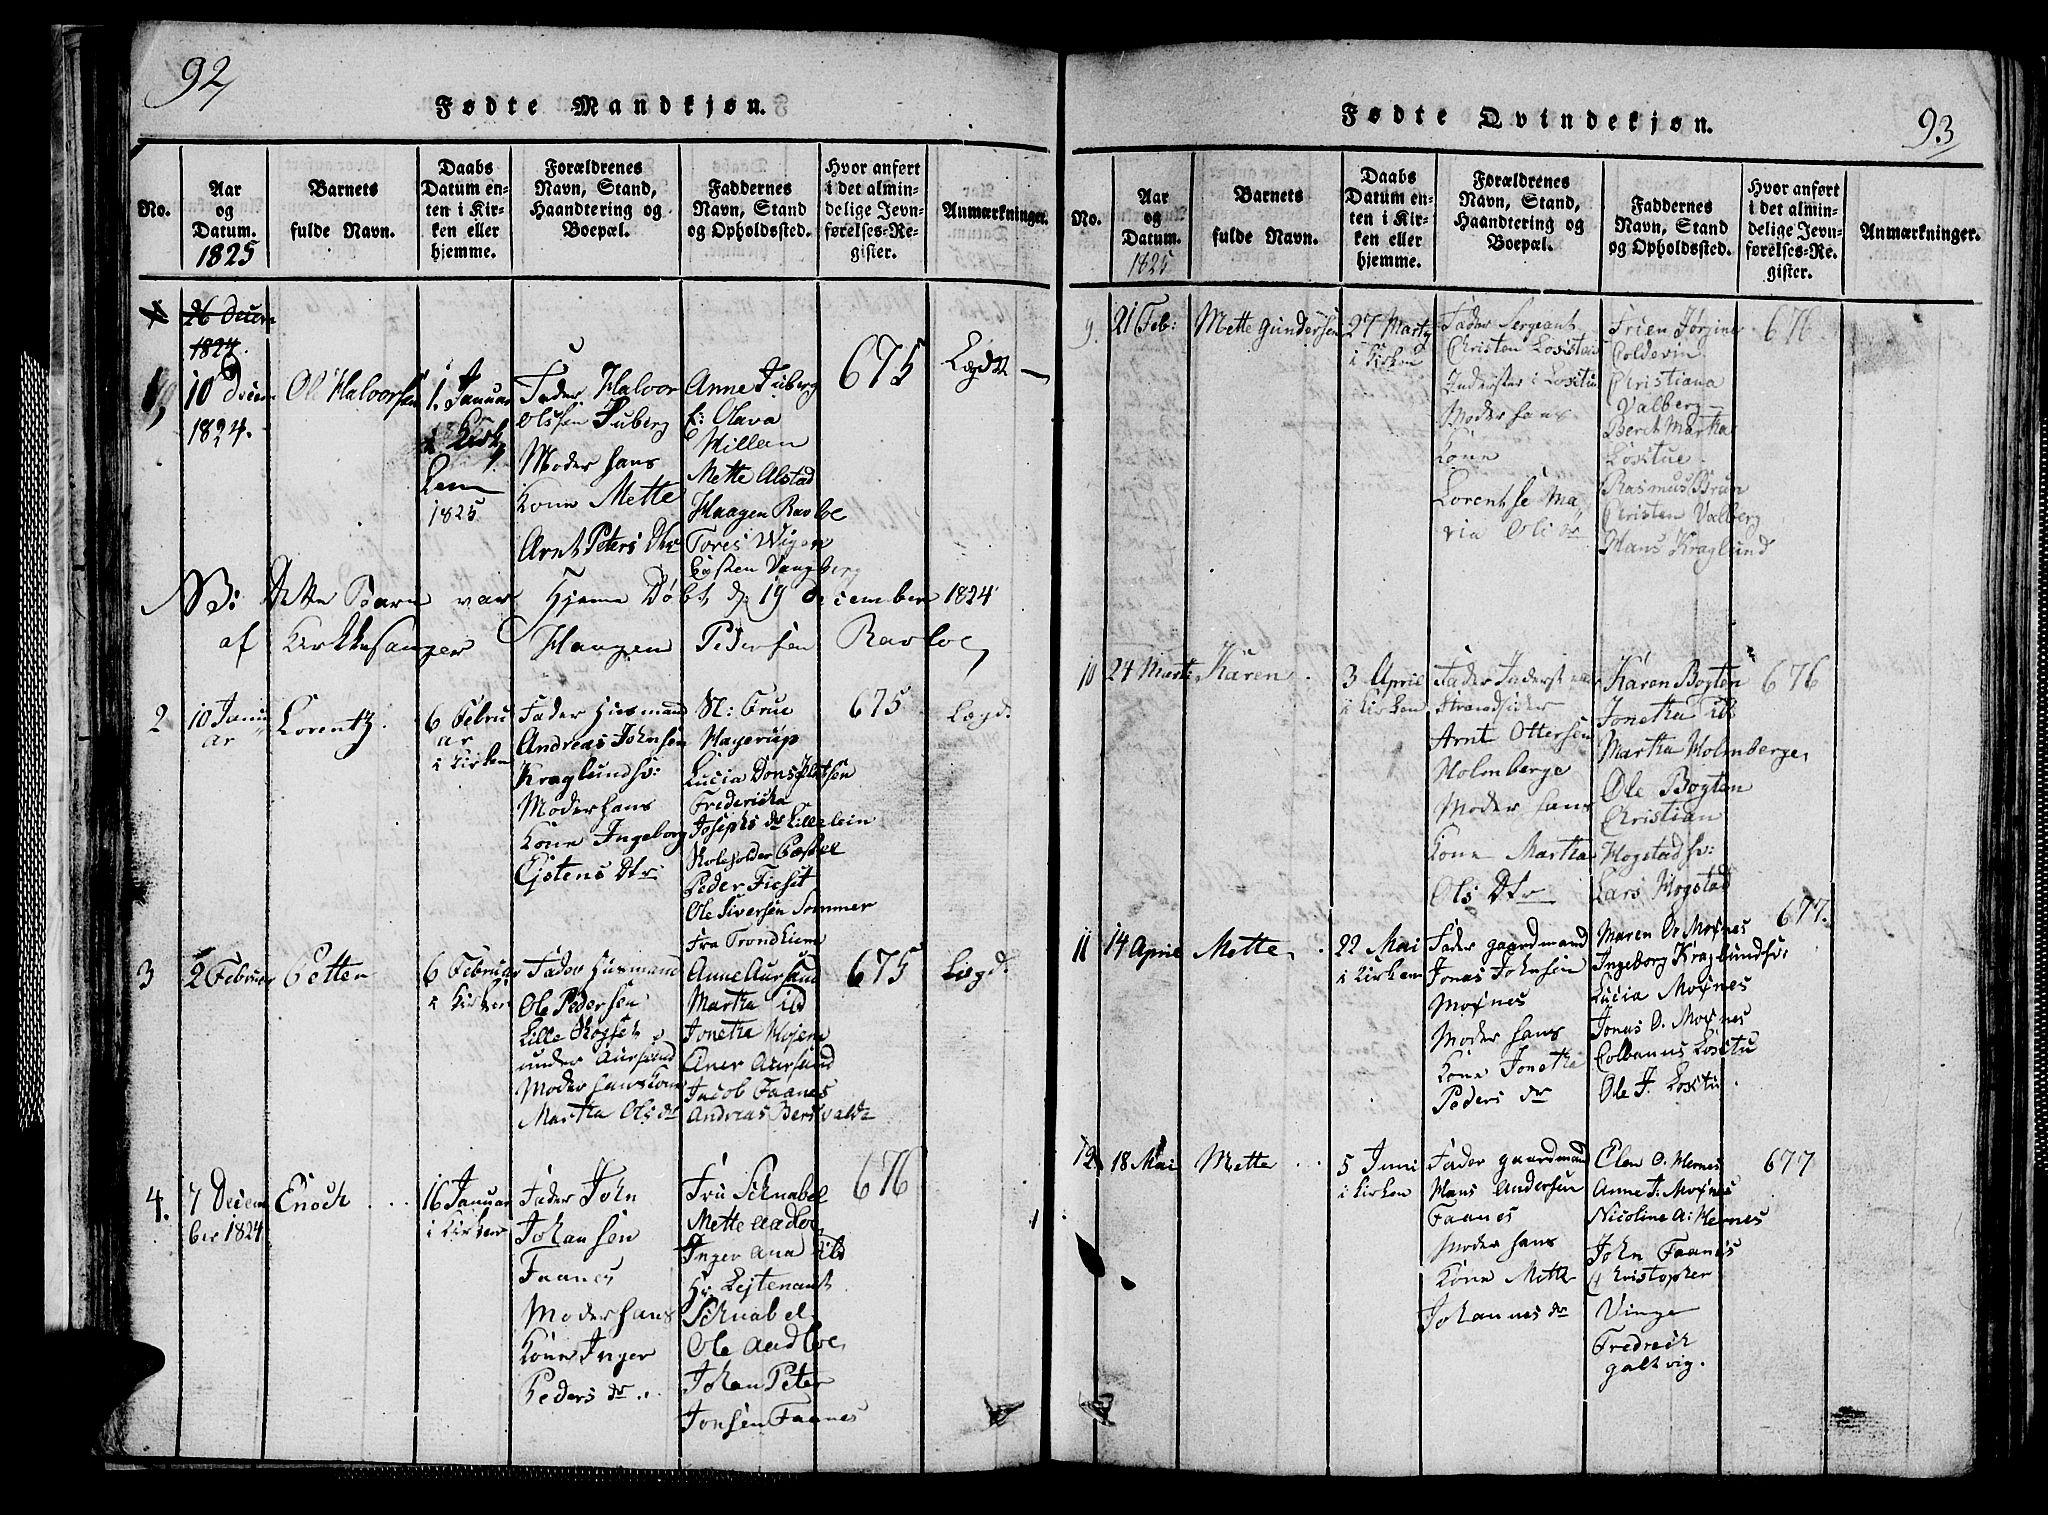 SAT, Ministerialprotokoller, klokkerbøker og fødselsregistre - Nord-Trøndelag, 713/L0124: Klokkerbok nr. 713C01, 1817-1827, s. 92-93